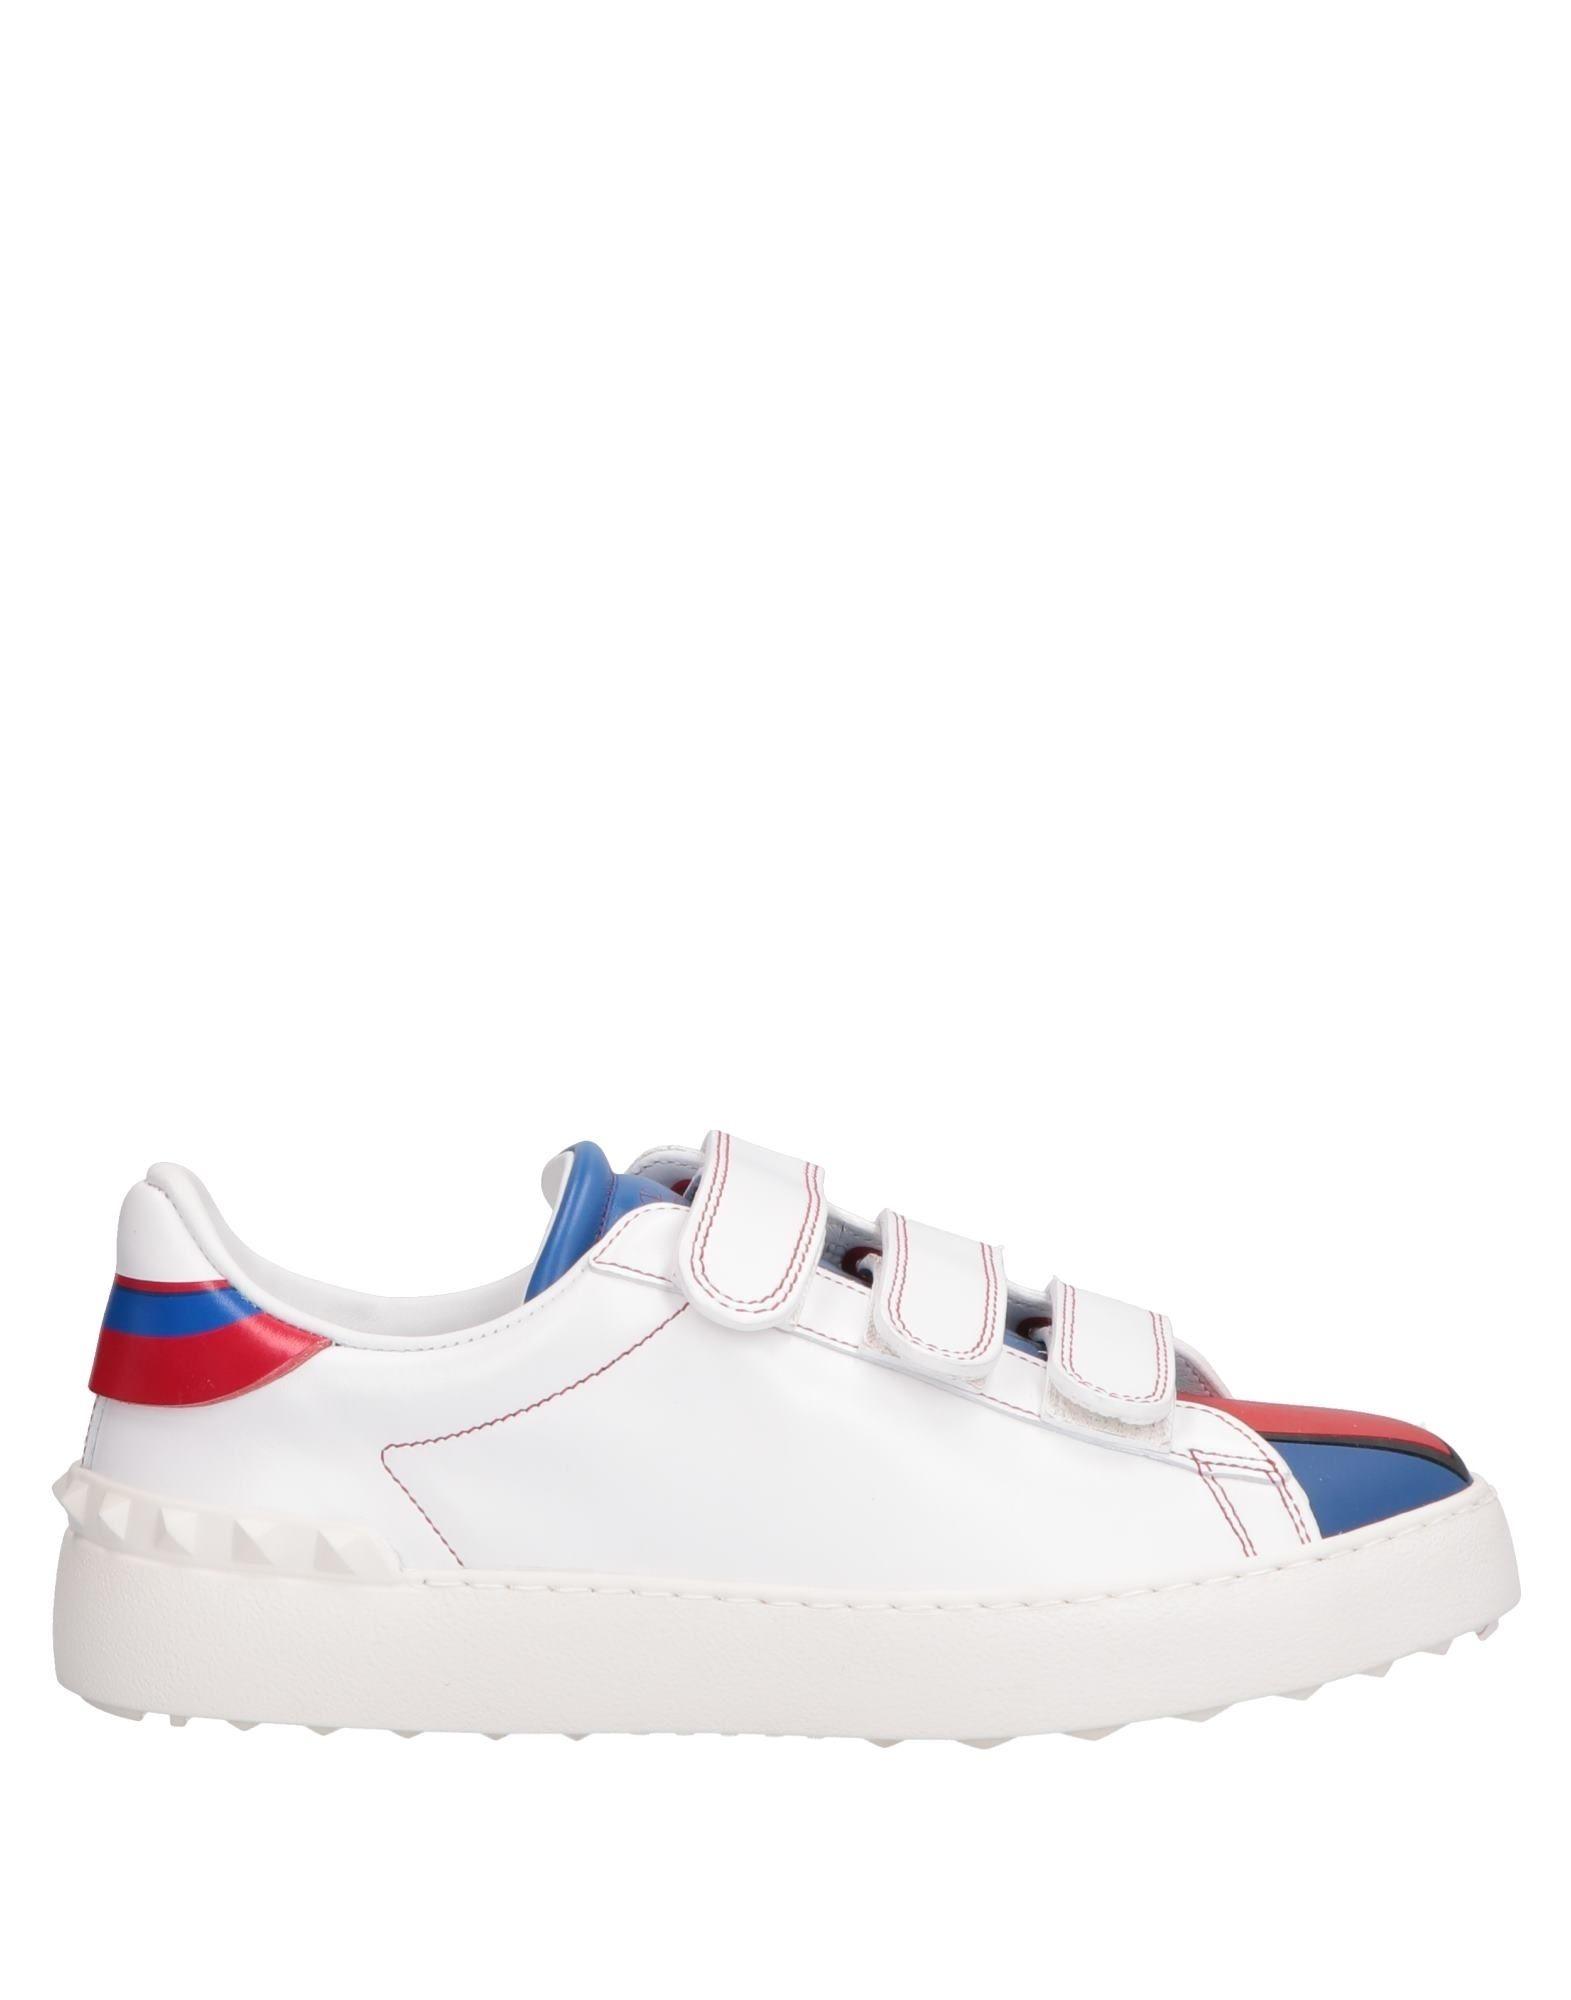 Valentino Garavani Sneakers - Women Valentino Garavani Sneakers - online on  Australia - Sneakers 11573231VM 0a48a3